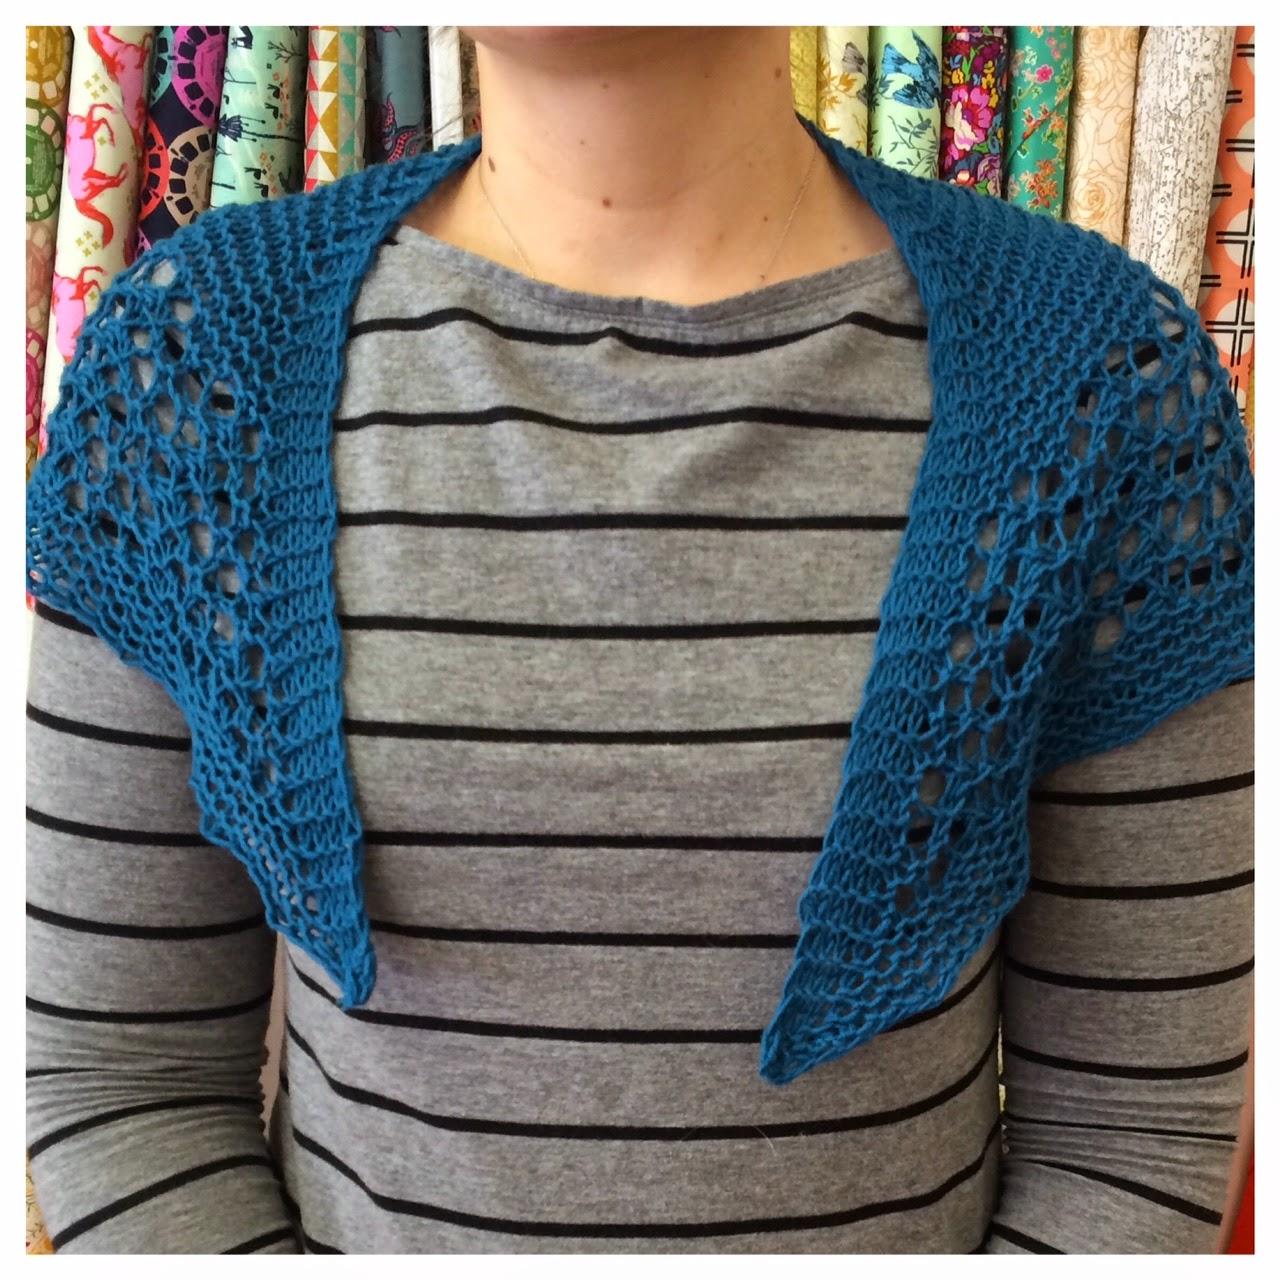 Home Ec Workshop: Knitting: Mini Faroese Shawl